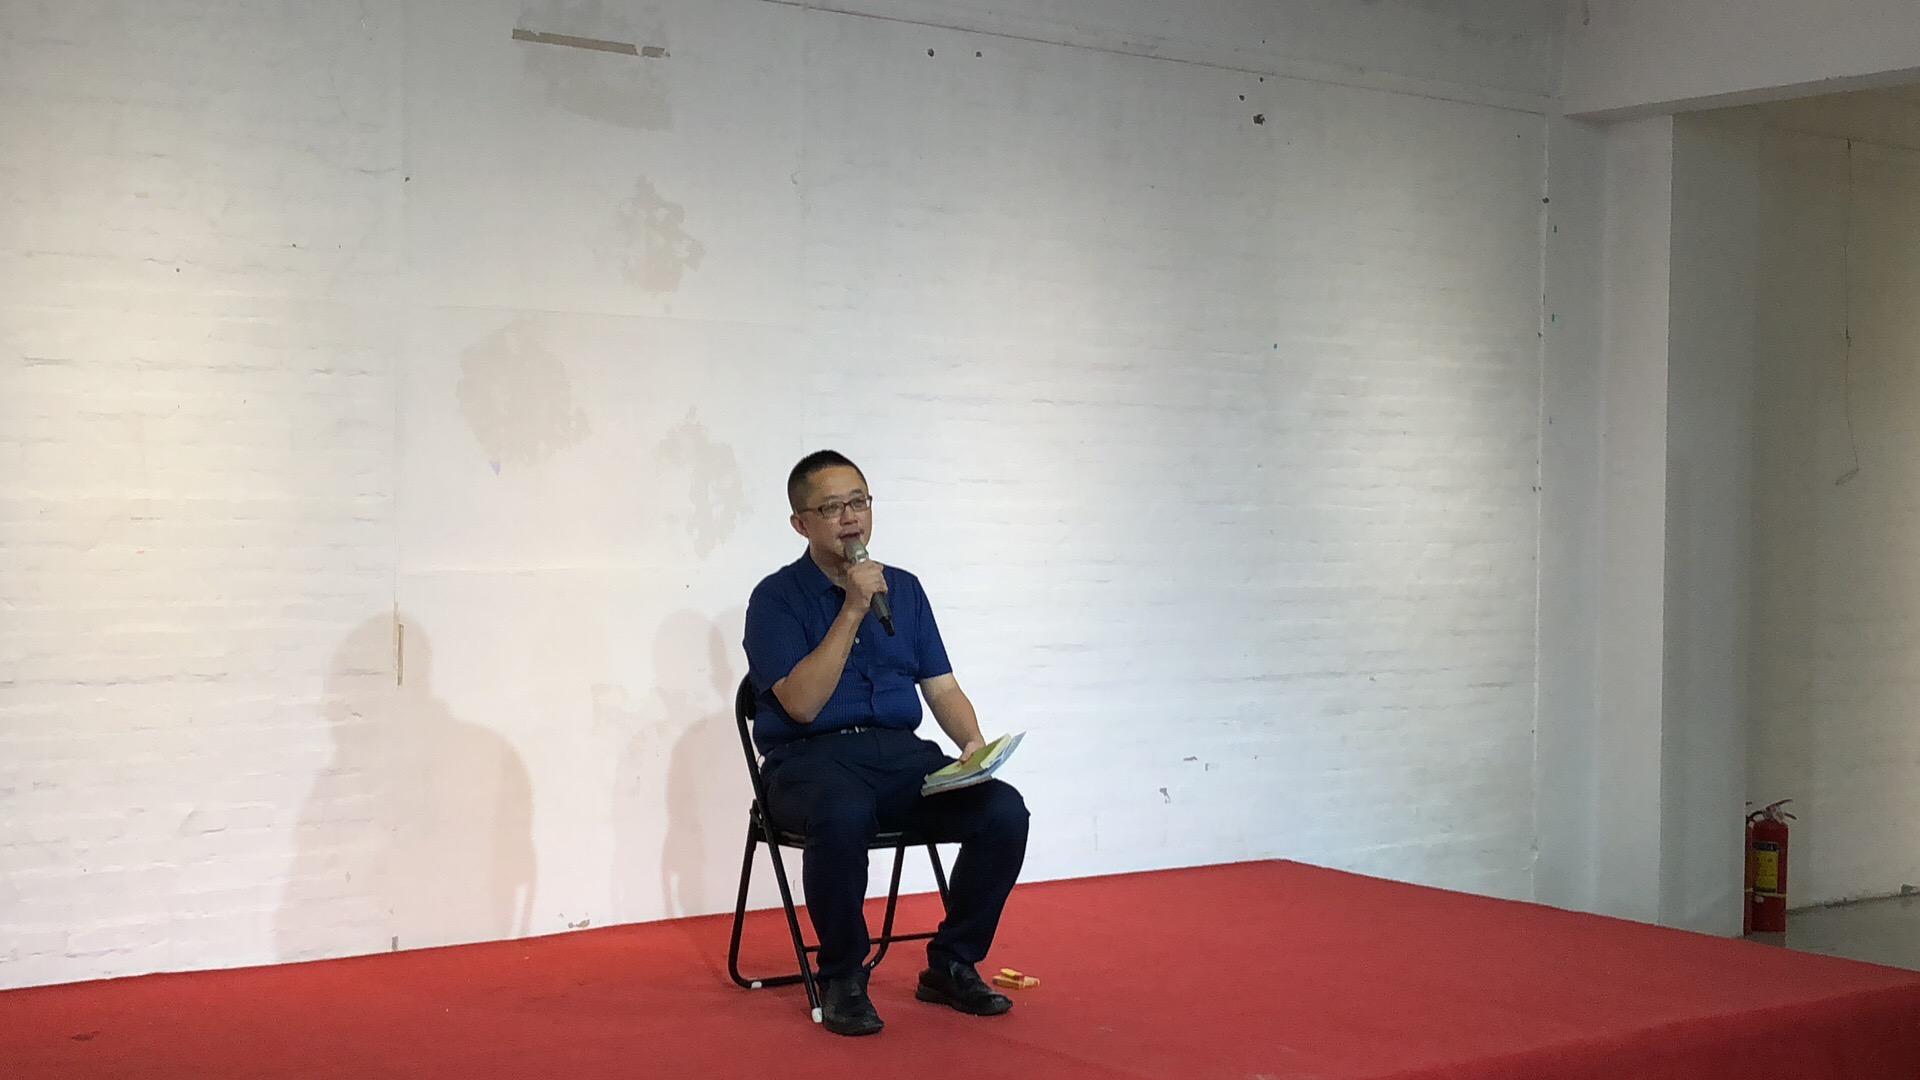 我爱我家前副总裁胡景晖:降租金可以效仿香港,推出空置税